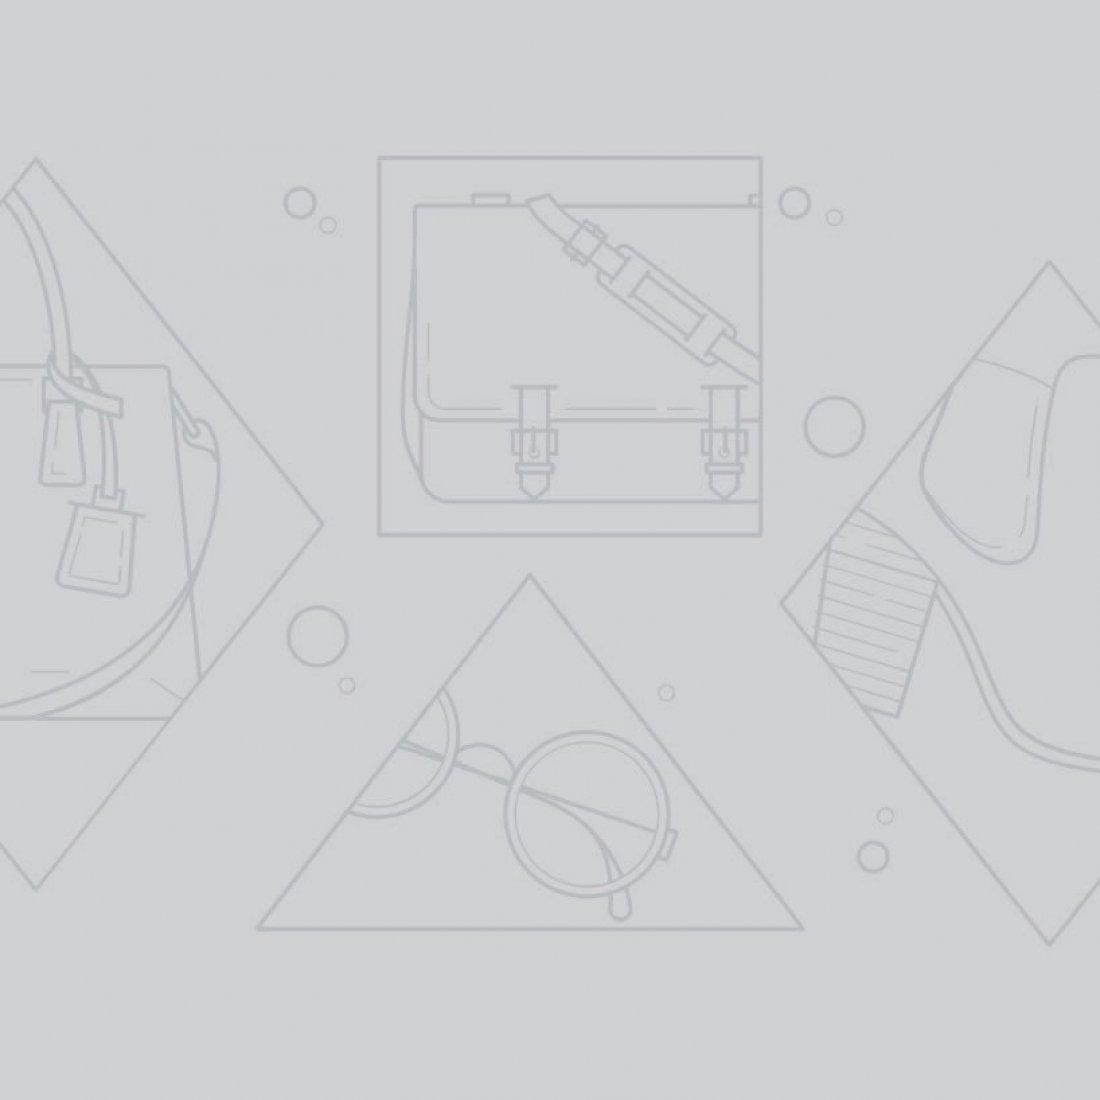 Купить переключатель режимов духовки Pyramida оптом, фотография 3